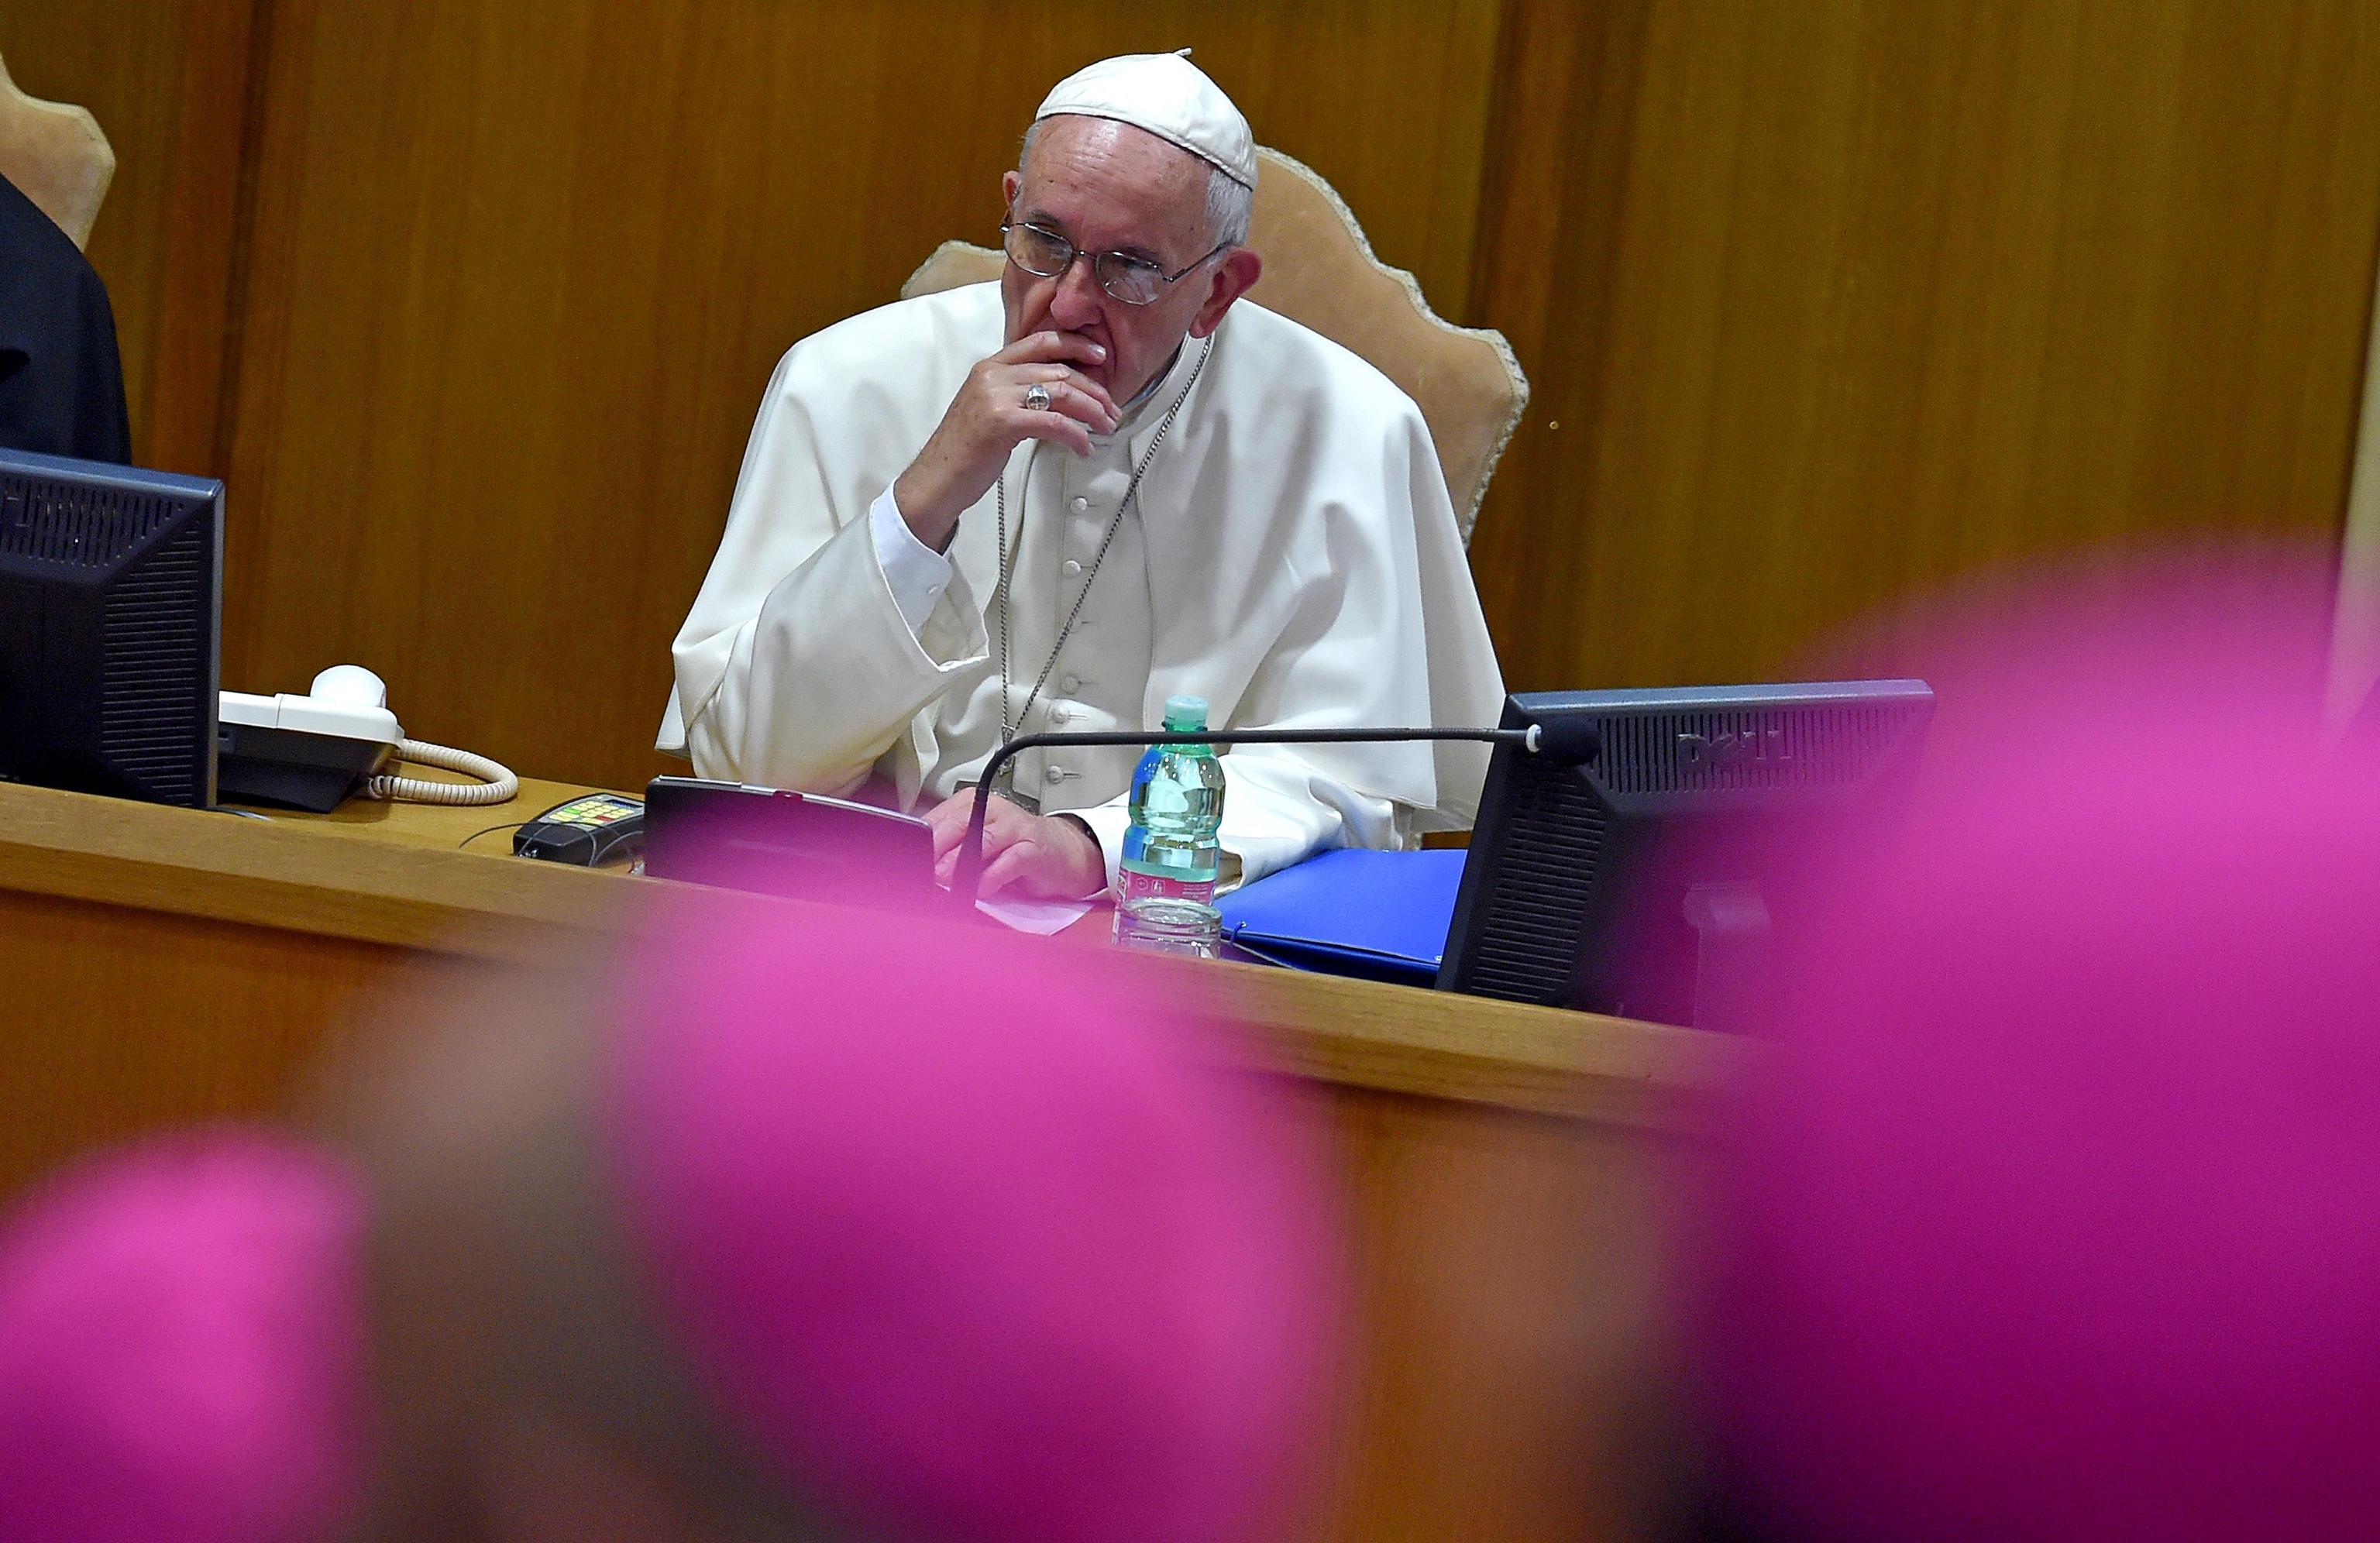 La Poltrona Del Papa.Vatileaks Politi Lupi Legati A Poltrone Vogliono Sporcare La